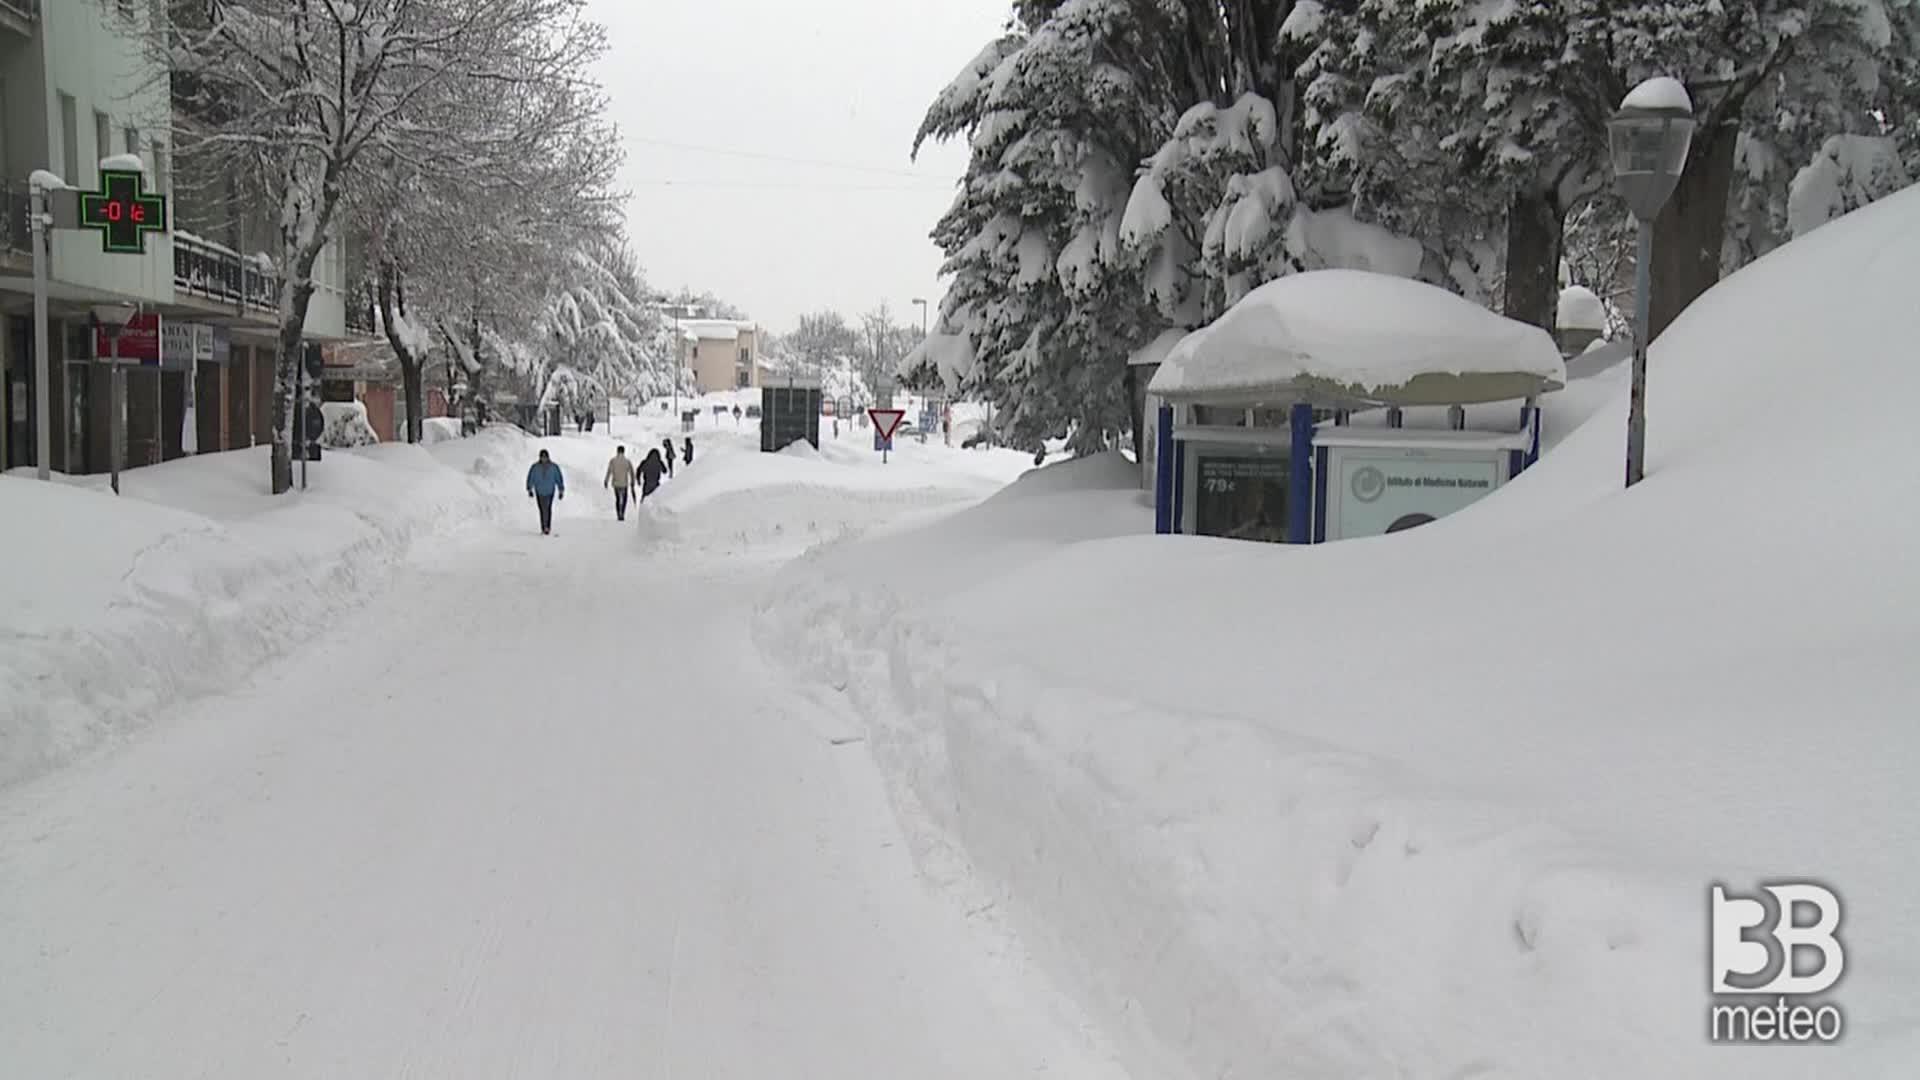 3 metri di neve a Urbino: la storica nevicata del 2012